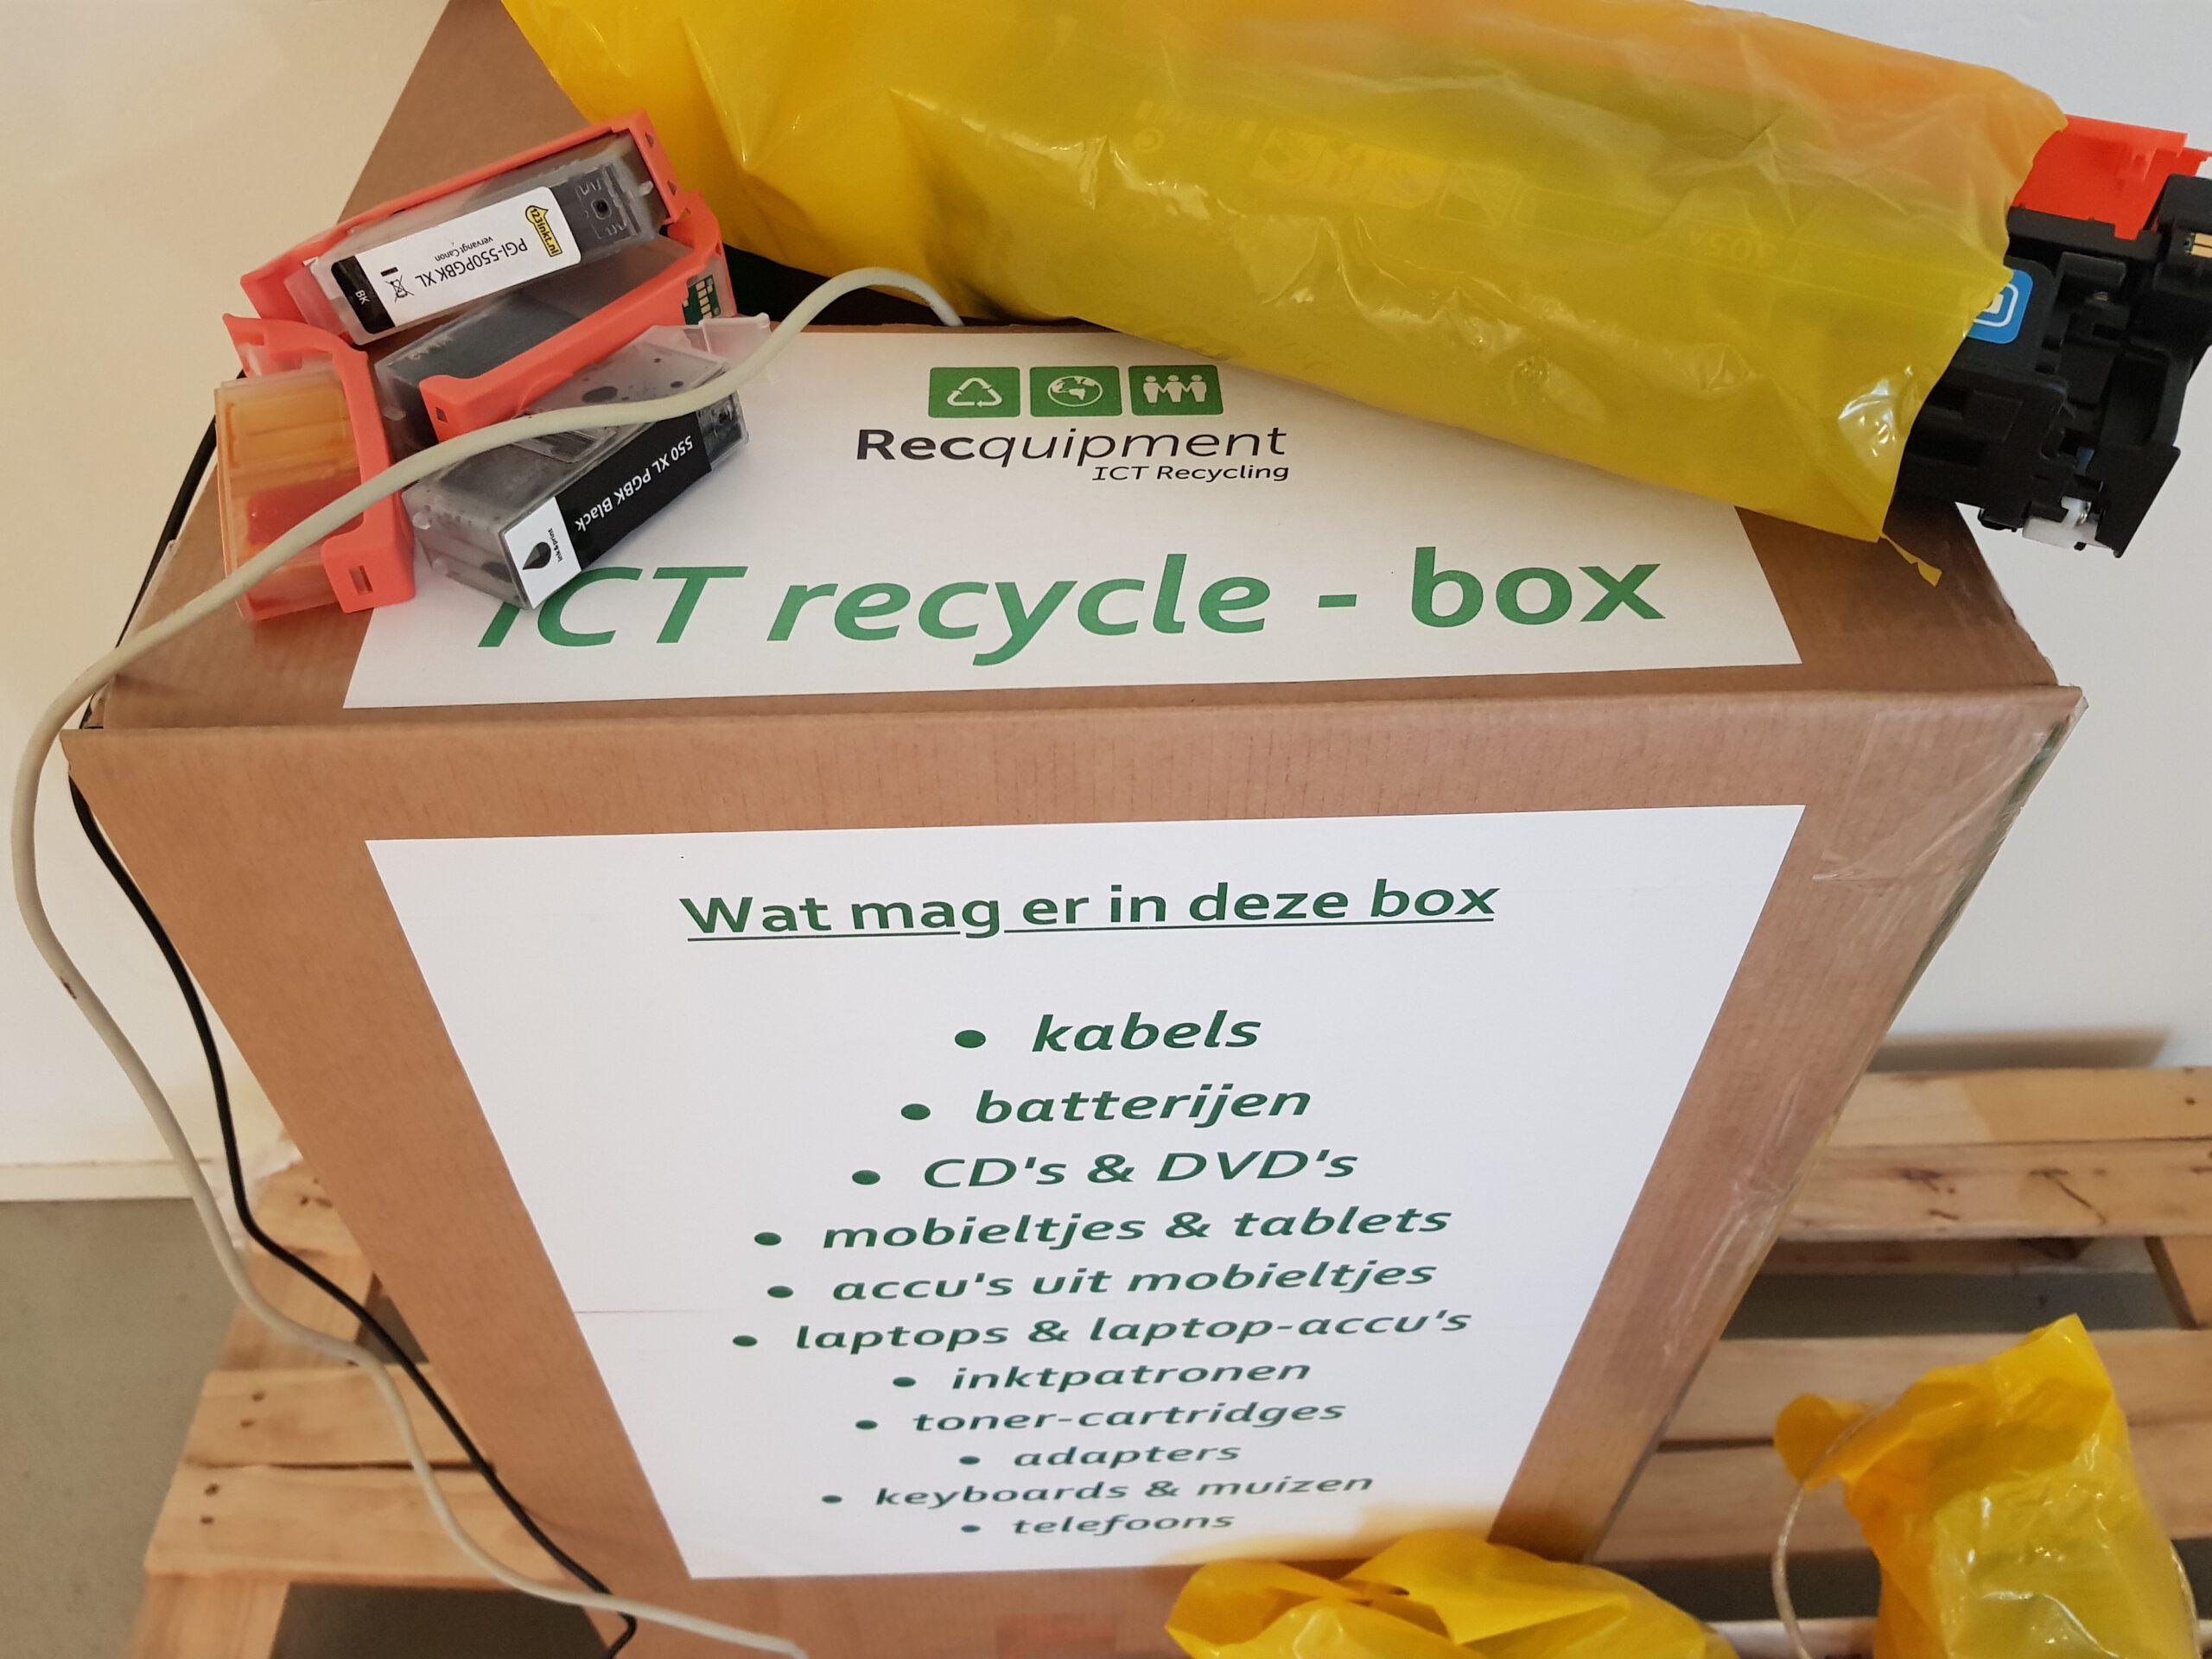 ICT Recycle-box